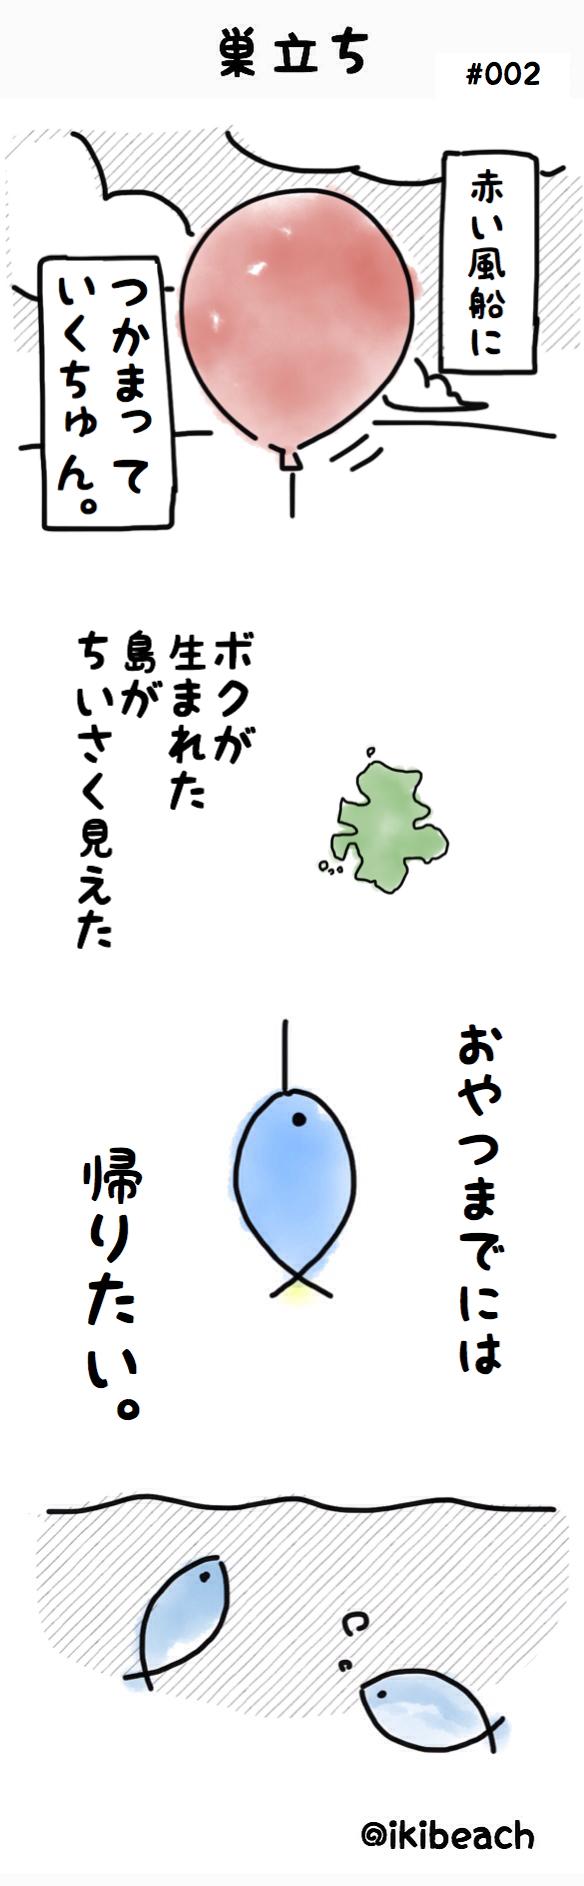 コバルト漫画「お魚だもの。」No.002『巣立ち』